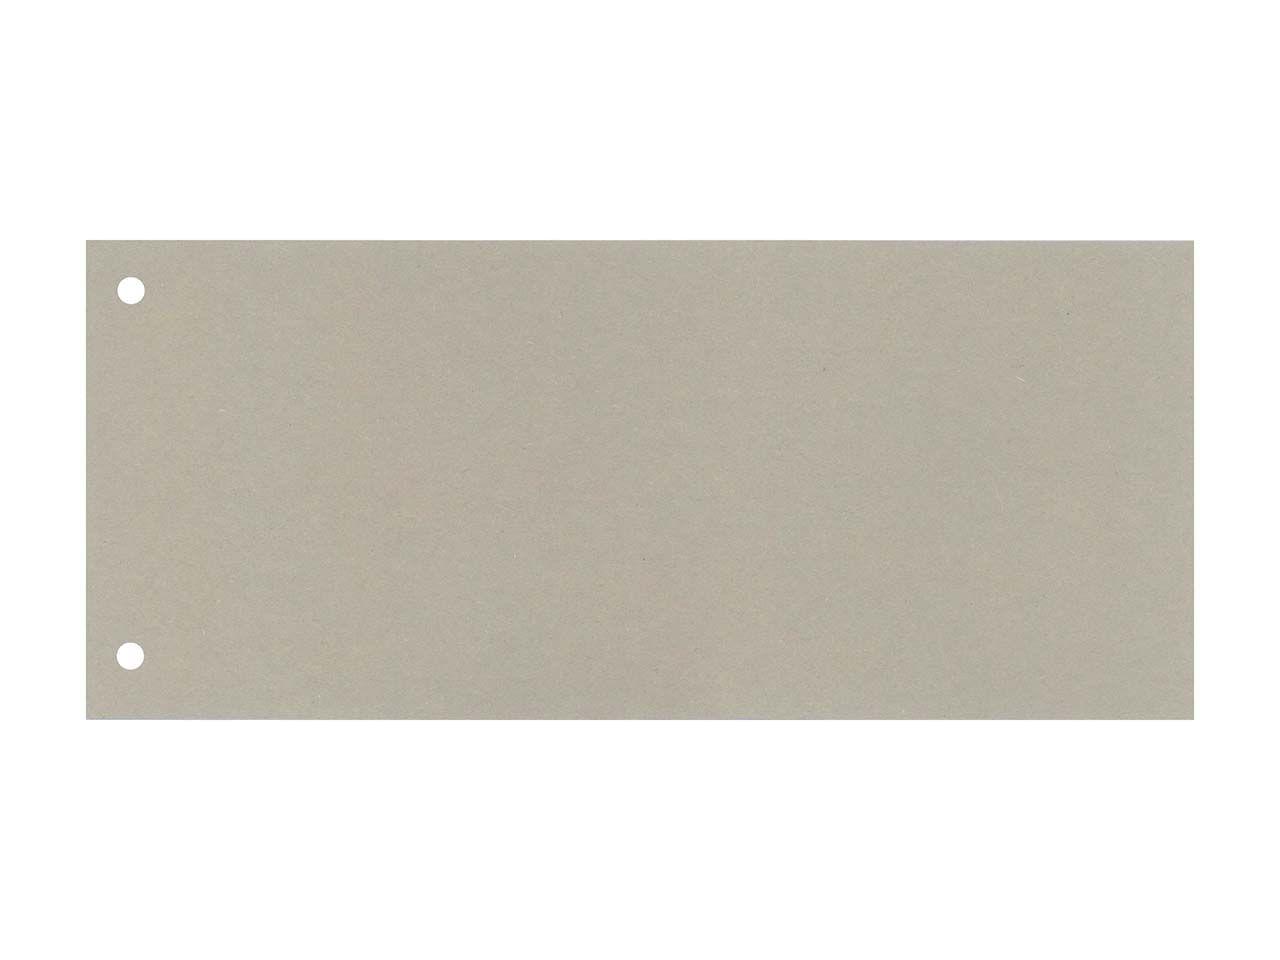 100 Trennstreifen grau 190 g/m² 50509